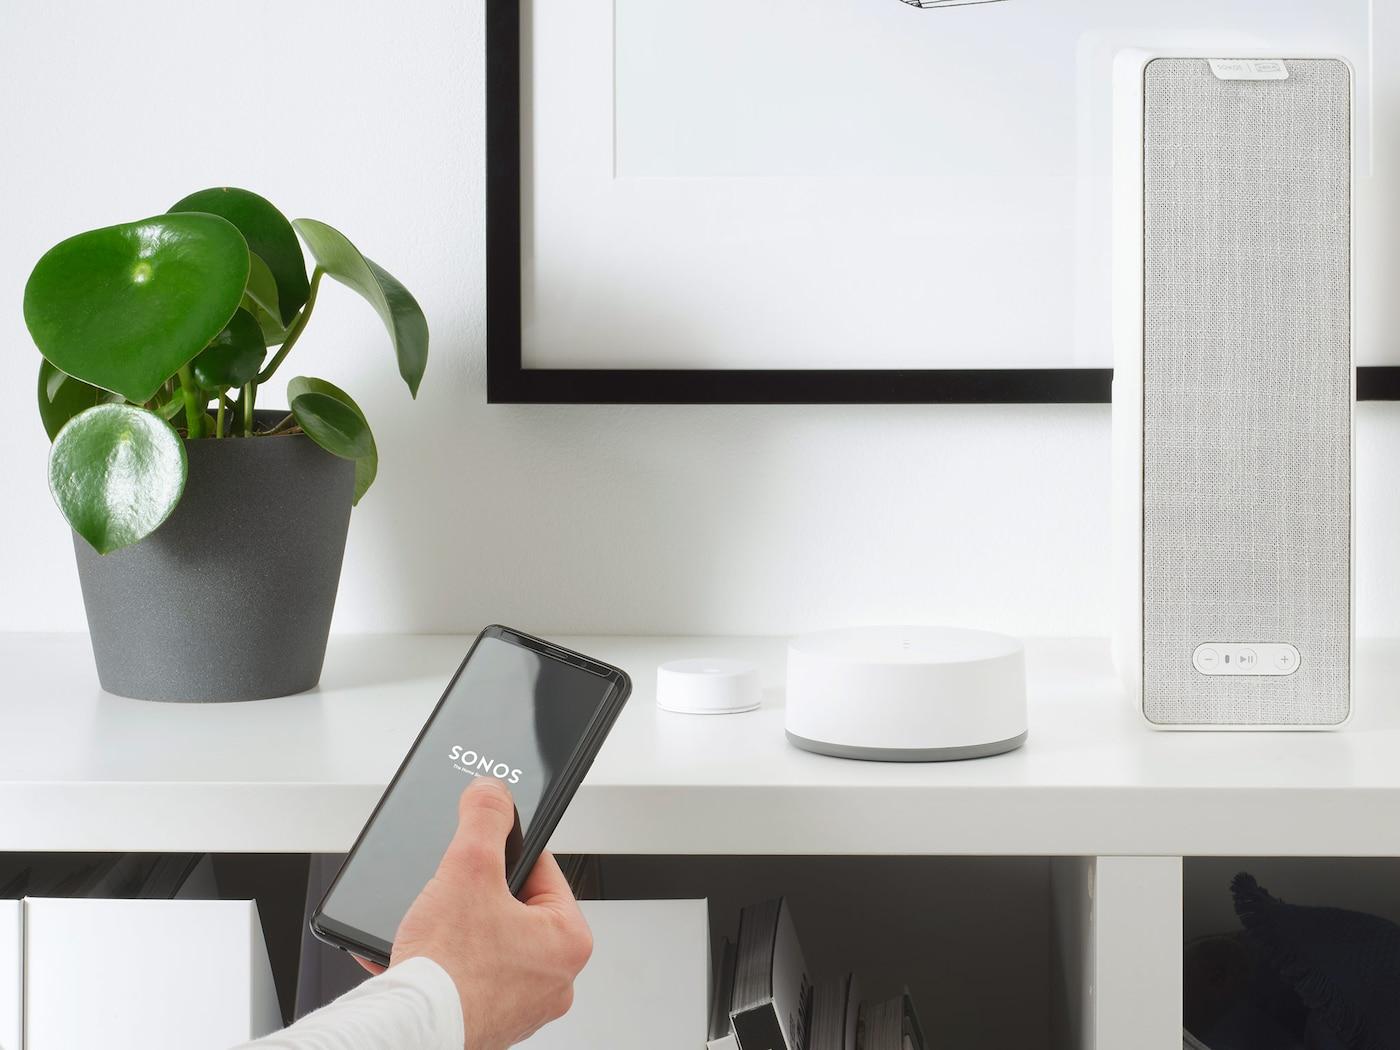 Dans un séjour, enceinte Wi-Fi SYMFONISK en blanc posée sur une bibliothèque.